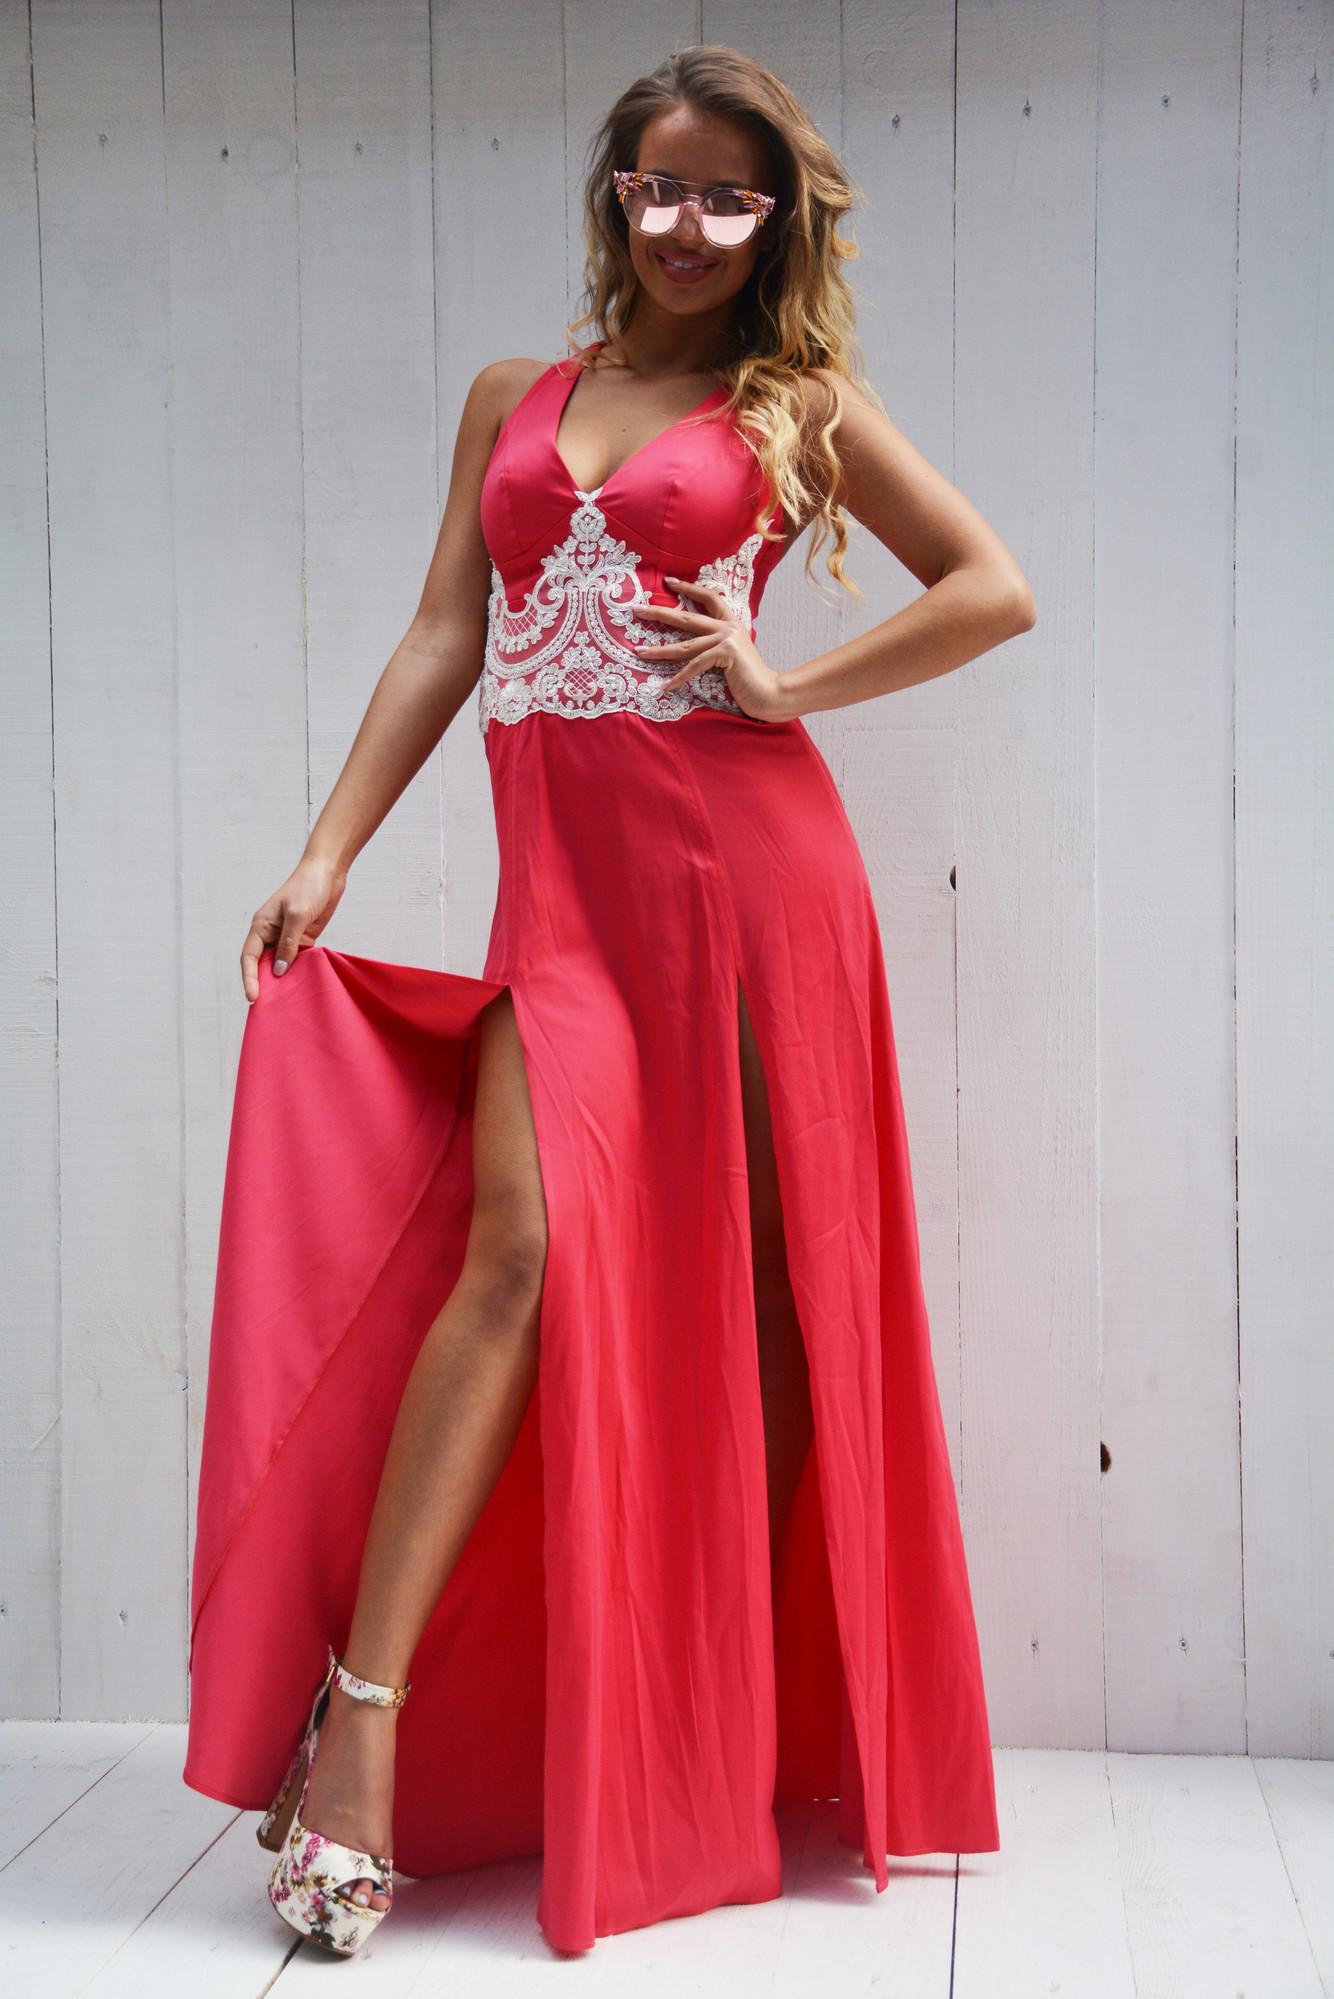 204de519fbf4 Dámske dlhé ružové šaty Foggi s čipkou - S odporúčame pre XS ...